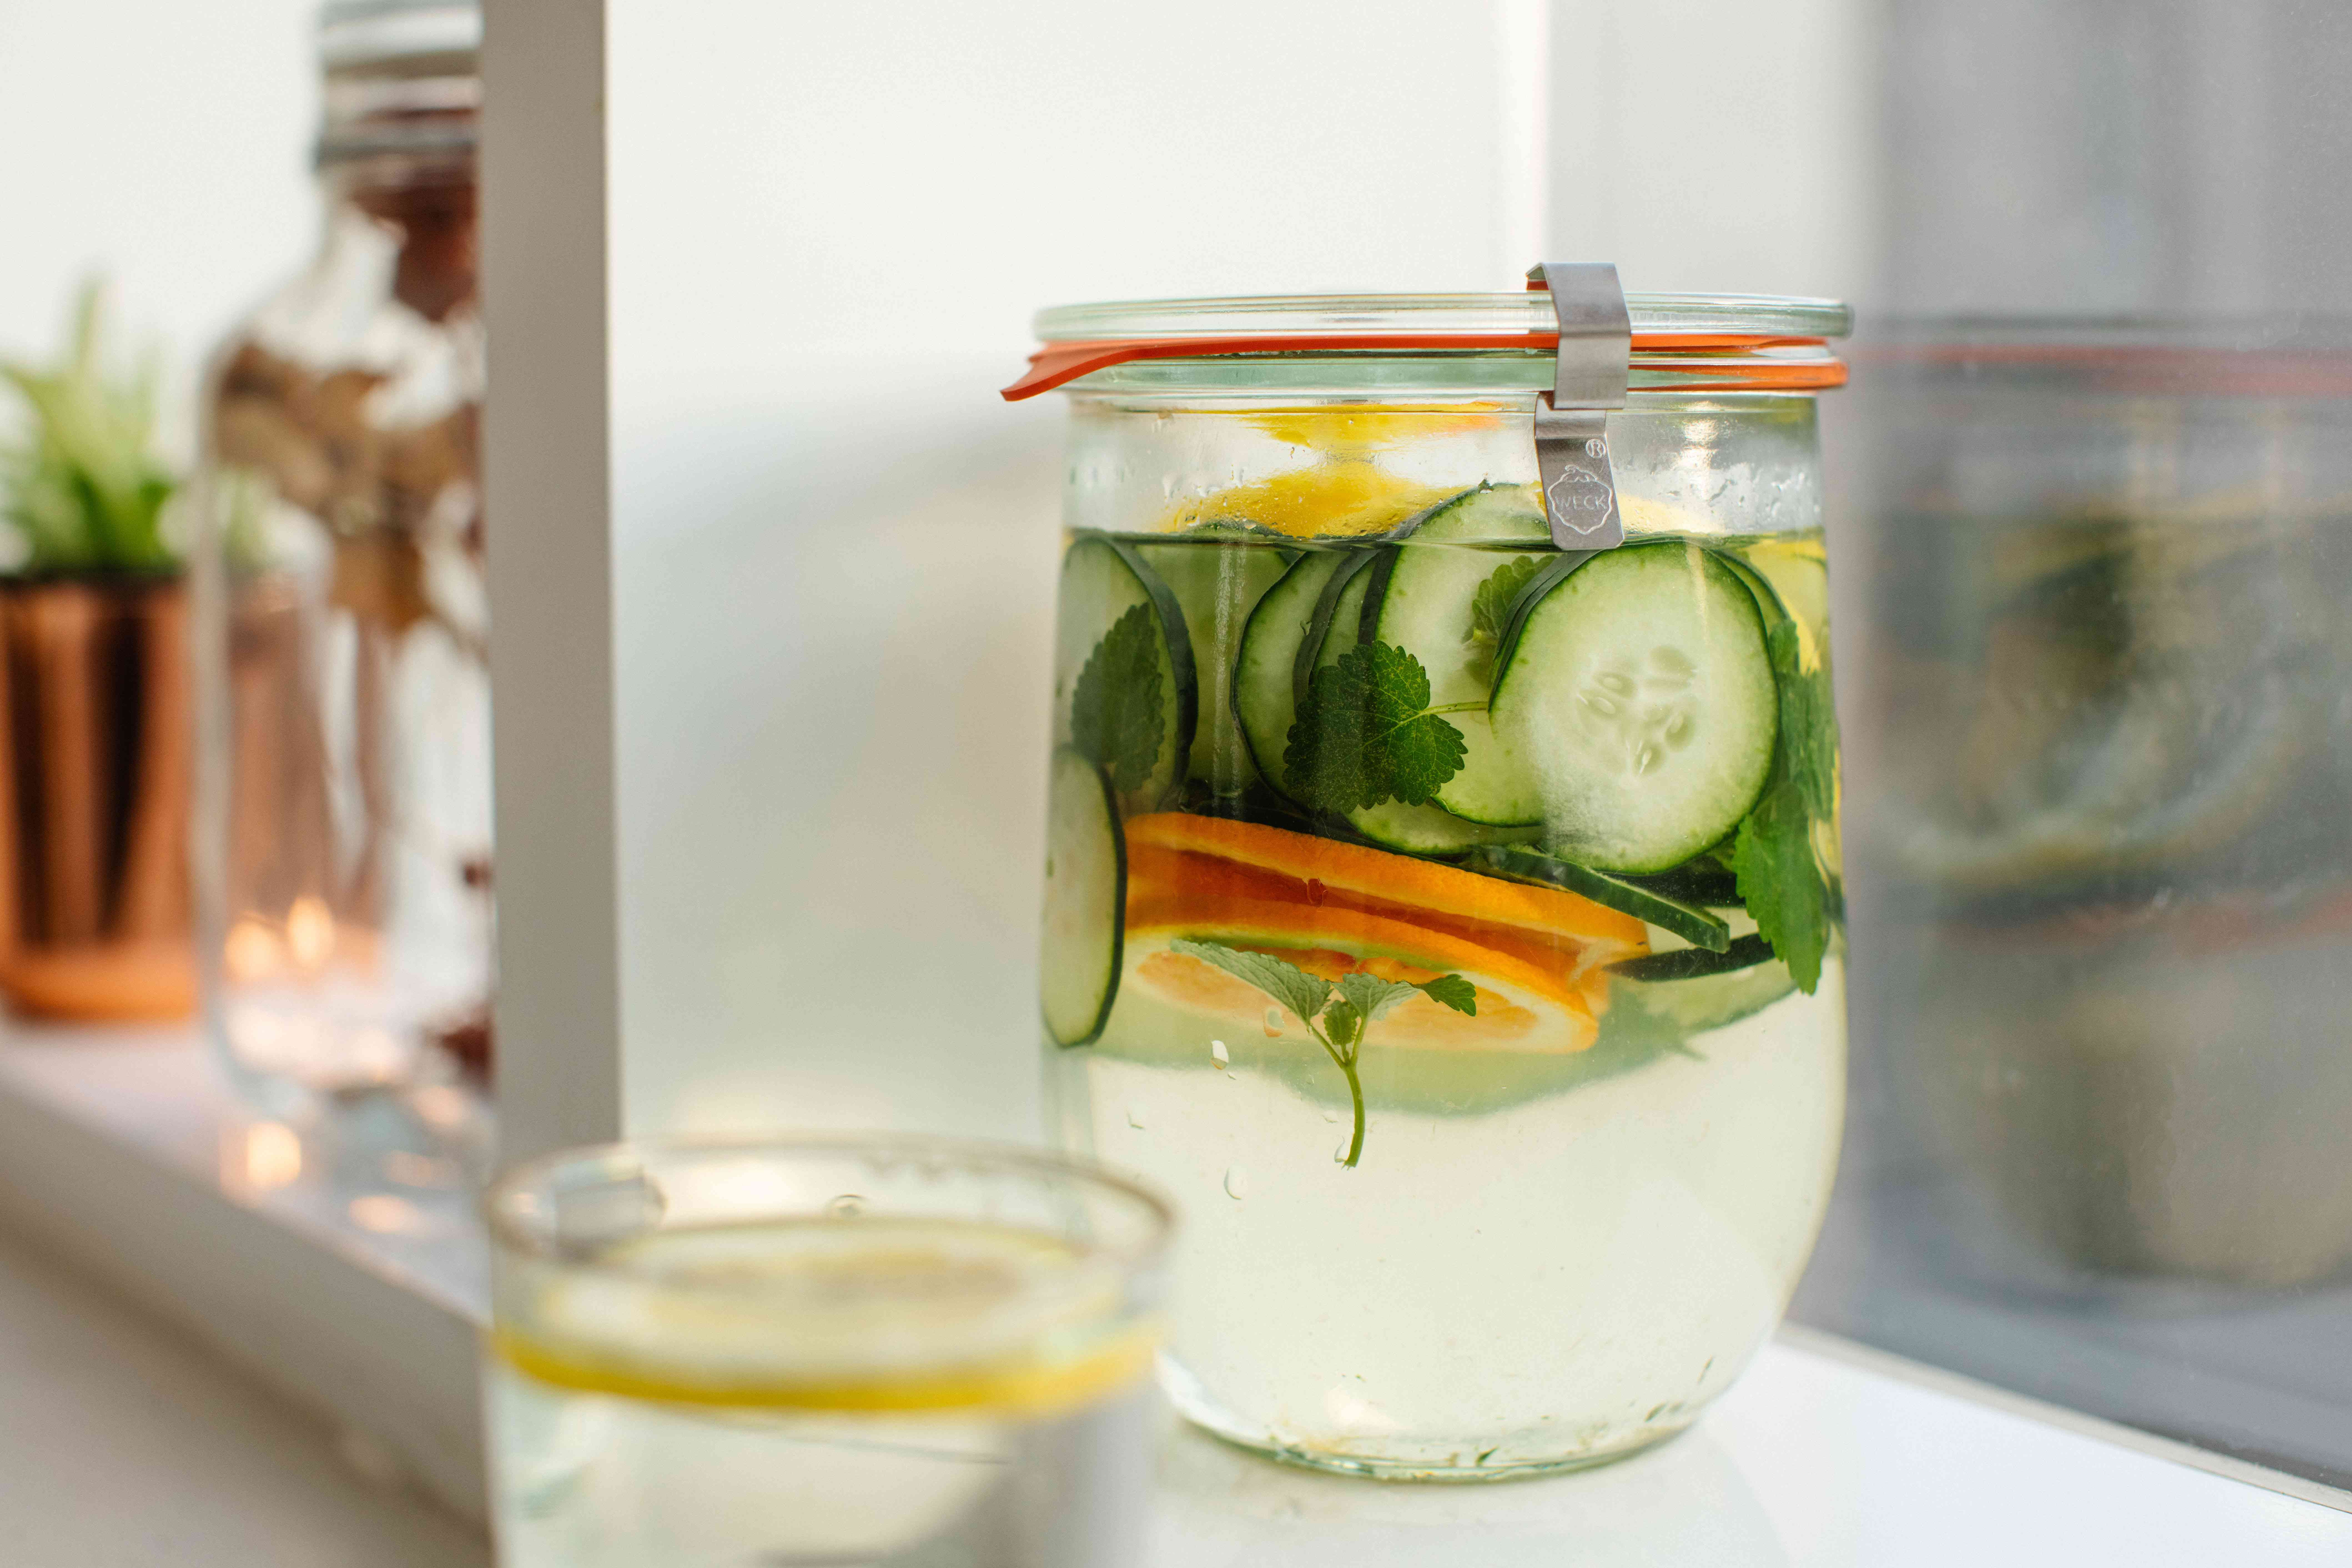 german weck jar with vegetables submerged